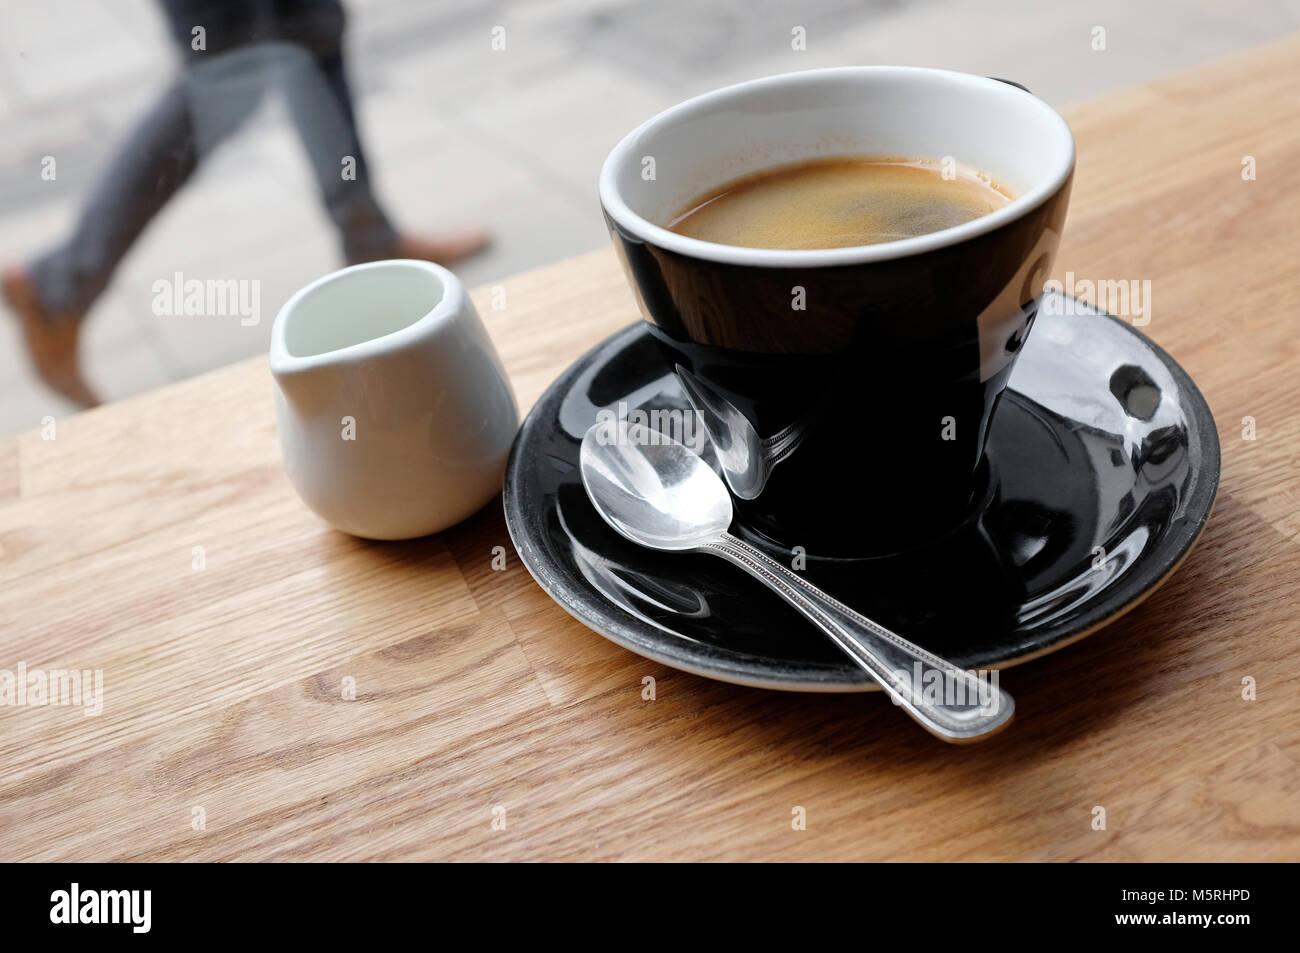 Tazza di caffè americano sul tavolo del bar, Norwich, Norfolk, Inghilterra Immagini Stock